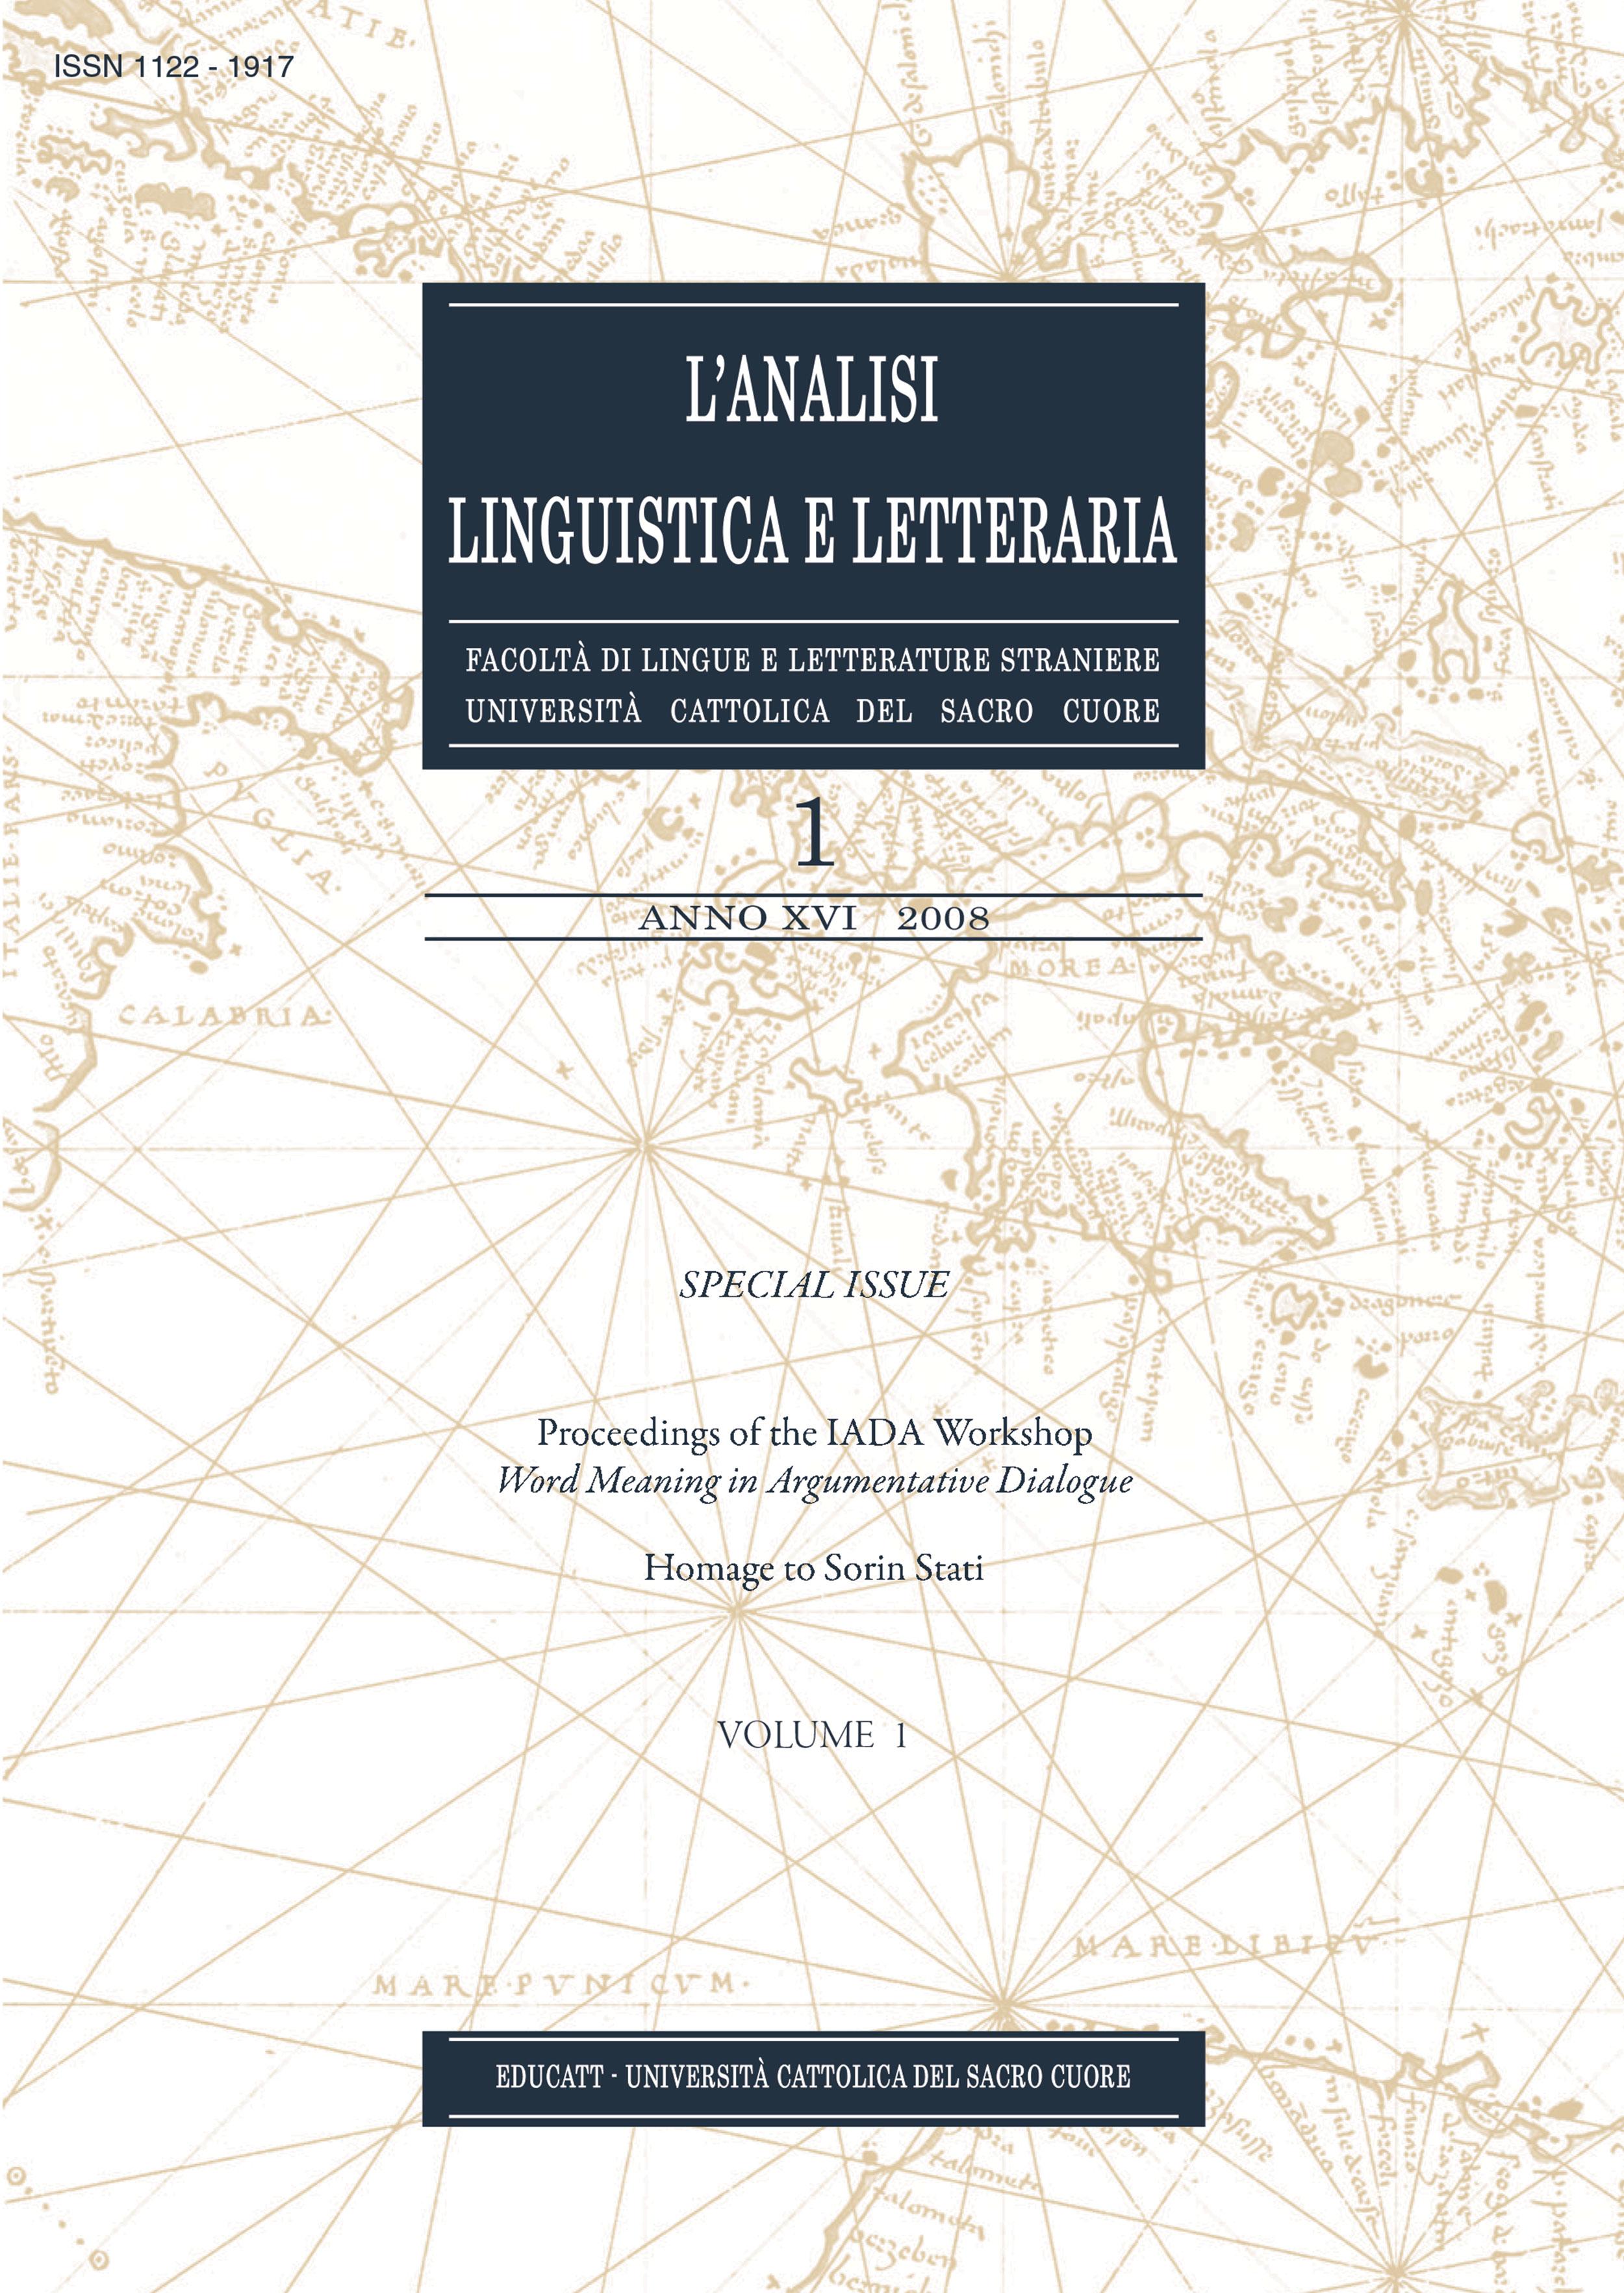 L'ANALISI LINGUISTICA E LETTERARIA 1 (XVI) 2008